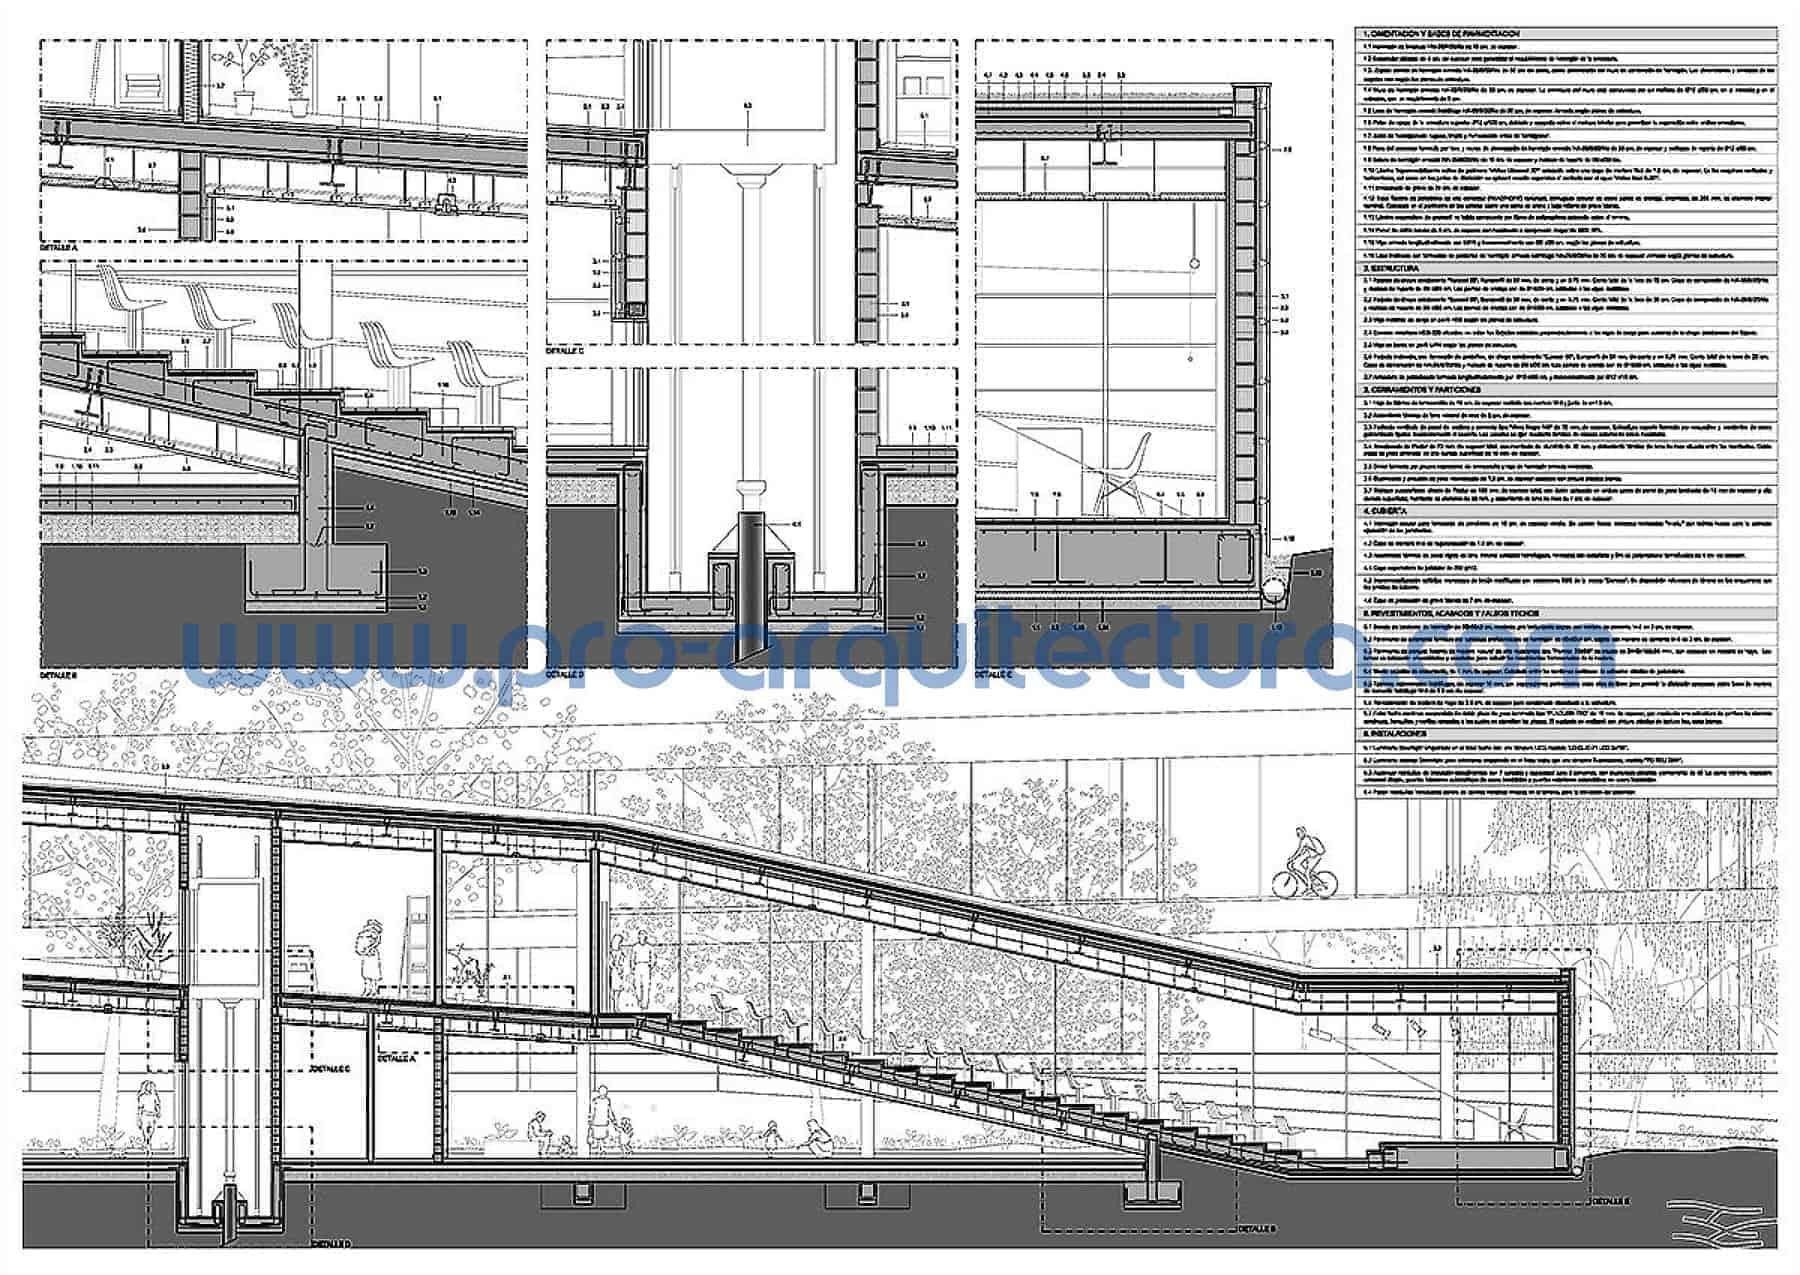 0047-02 Centro de investigación botánica - Sección y detalles constructivos - Ayuda con la entrega del pfc pfg tfg tfm de arquitectura.